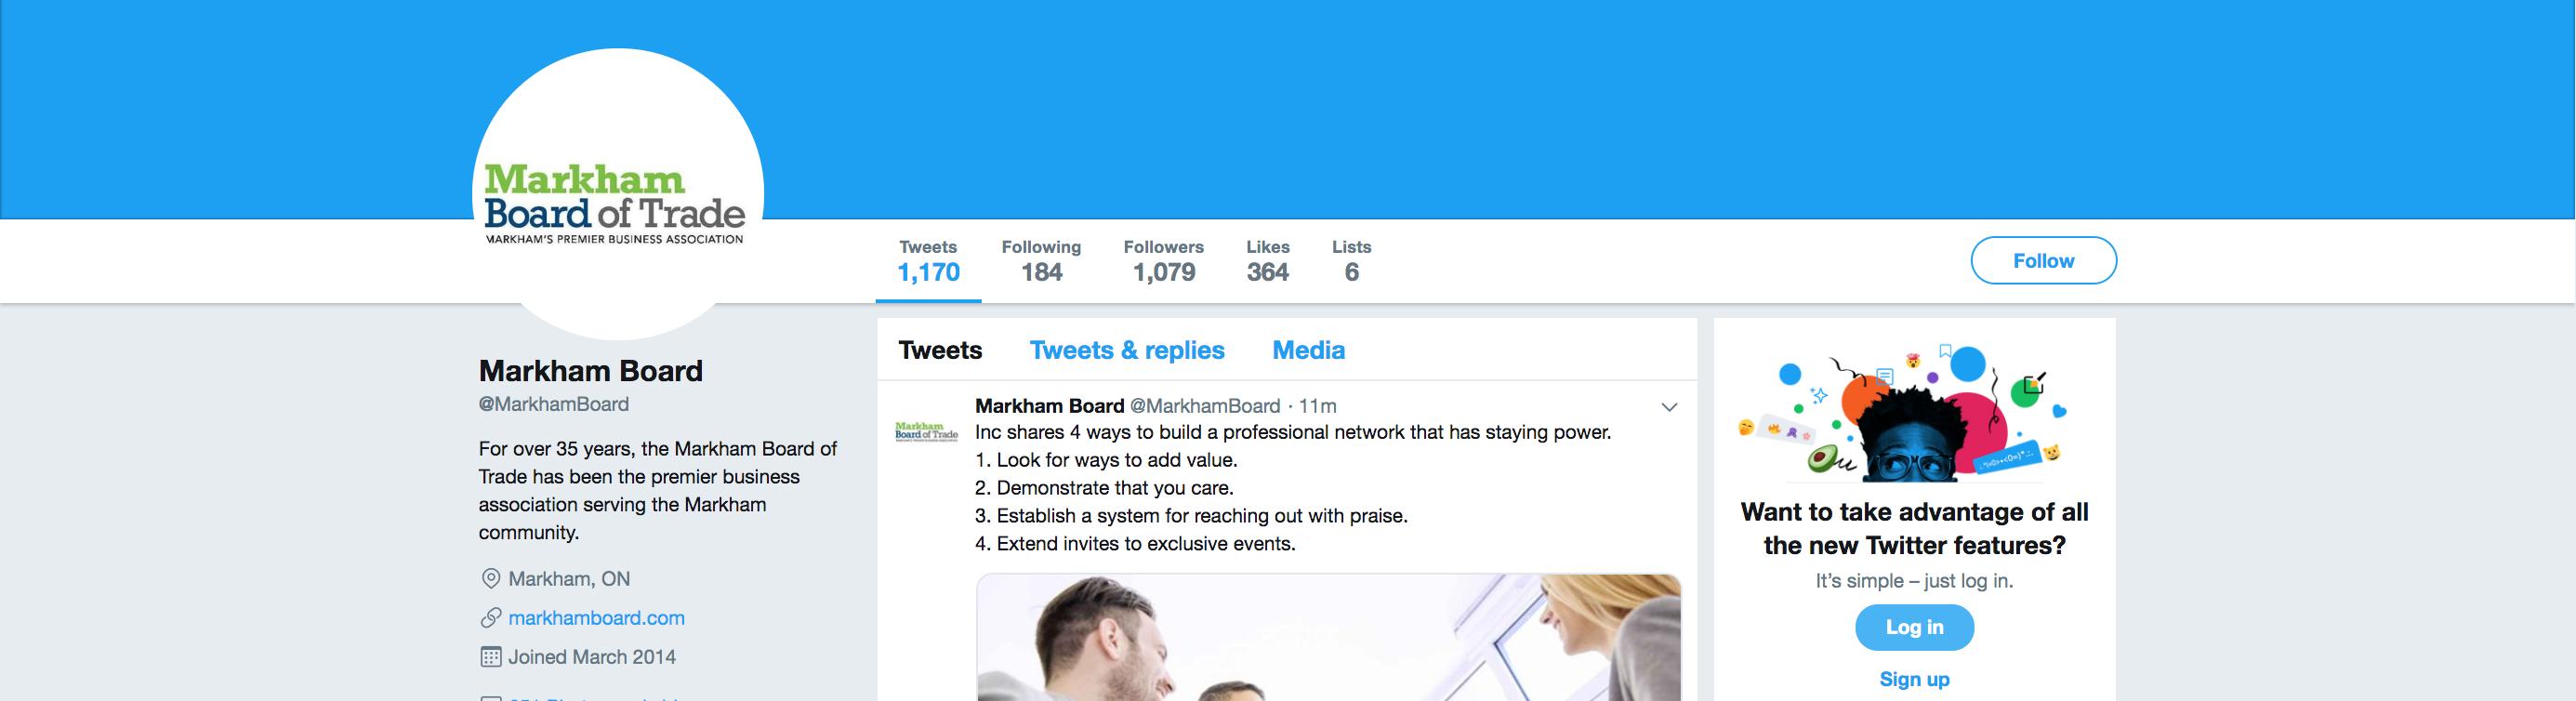 1screencapture-twitter-MarkhamBoard-2019-08-19-13_55_54